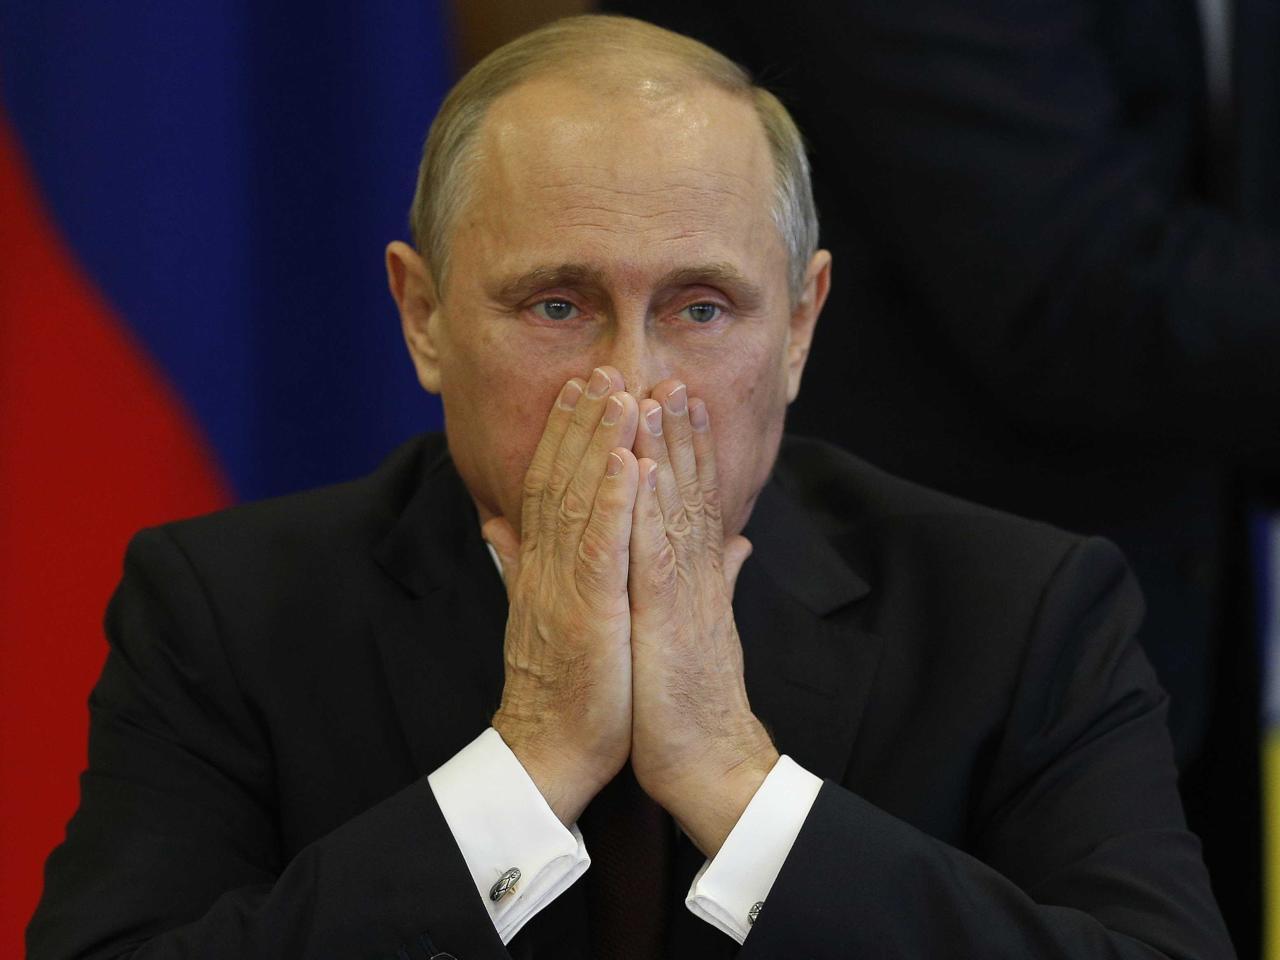 مع صعود ترامب بوتين قد يتنحى قريبا